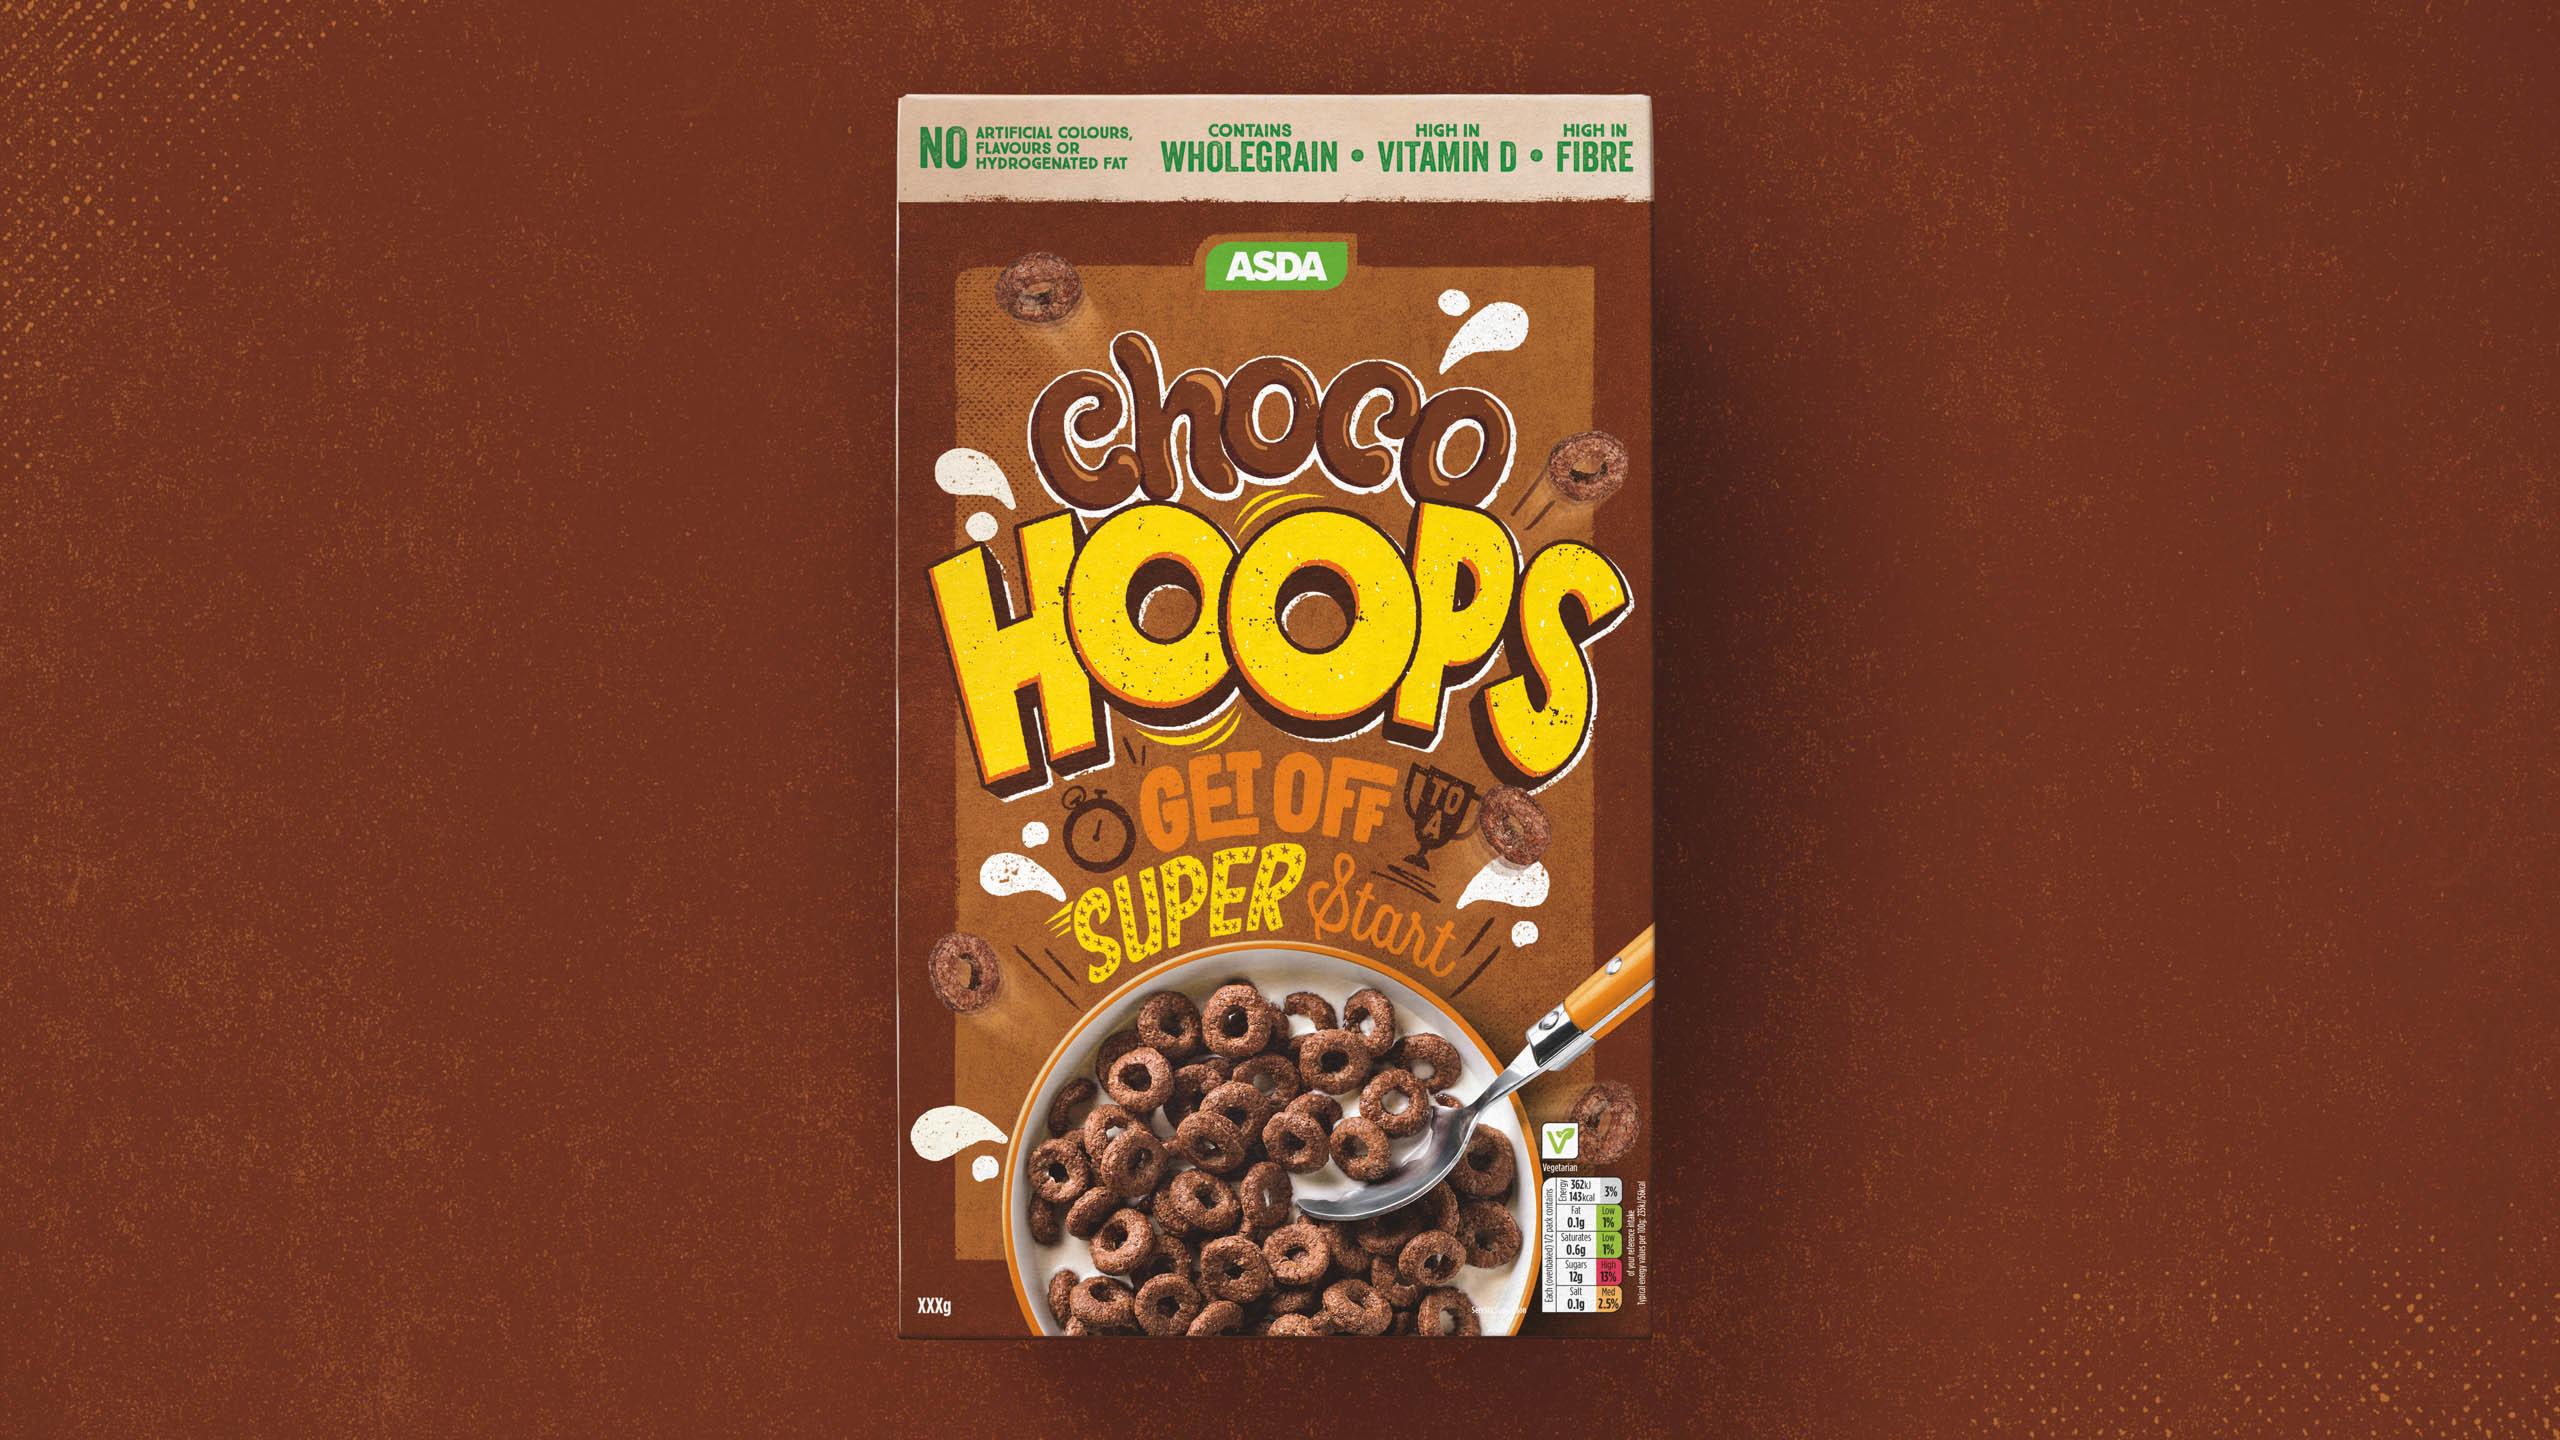 Mockup of ASDA cereal box